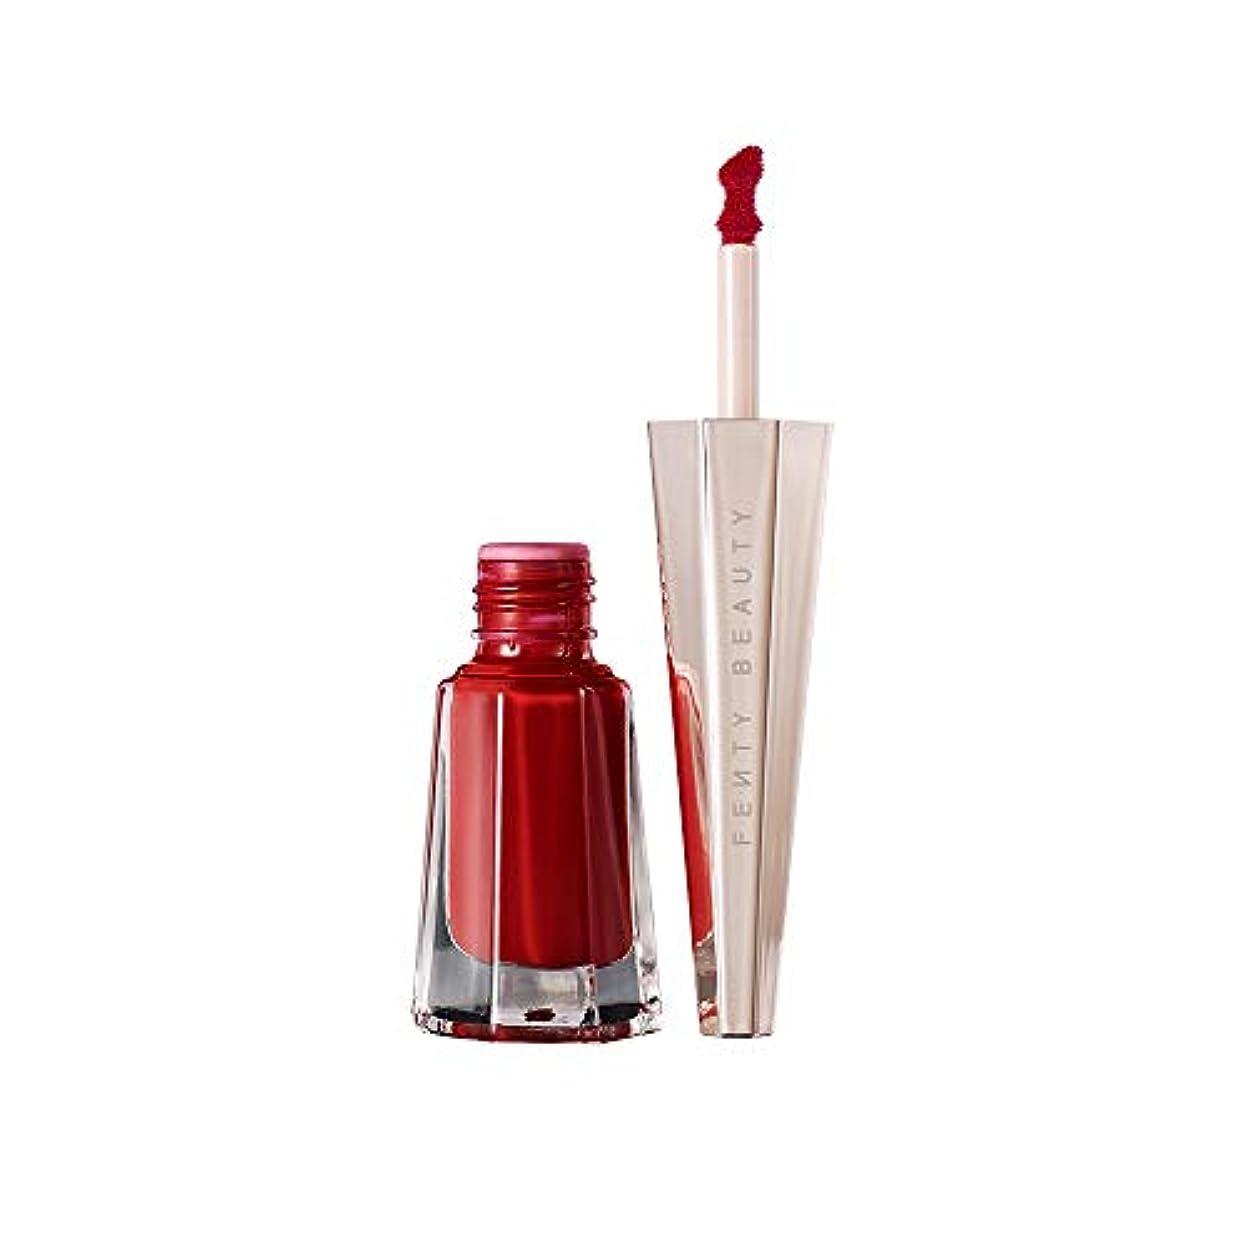 かけるルビー忌避剤【並行輸入品】FENTY BEAUTY BY RIHANNA Stunna Lip Paint Longwear Fluid Lip Color Uncensored - perfect universal red